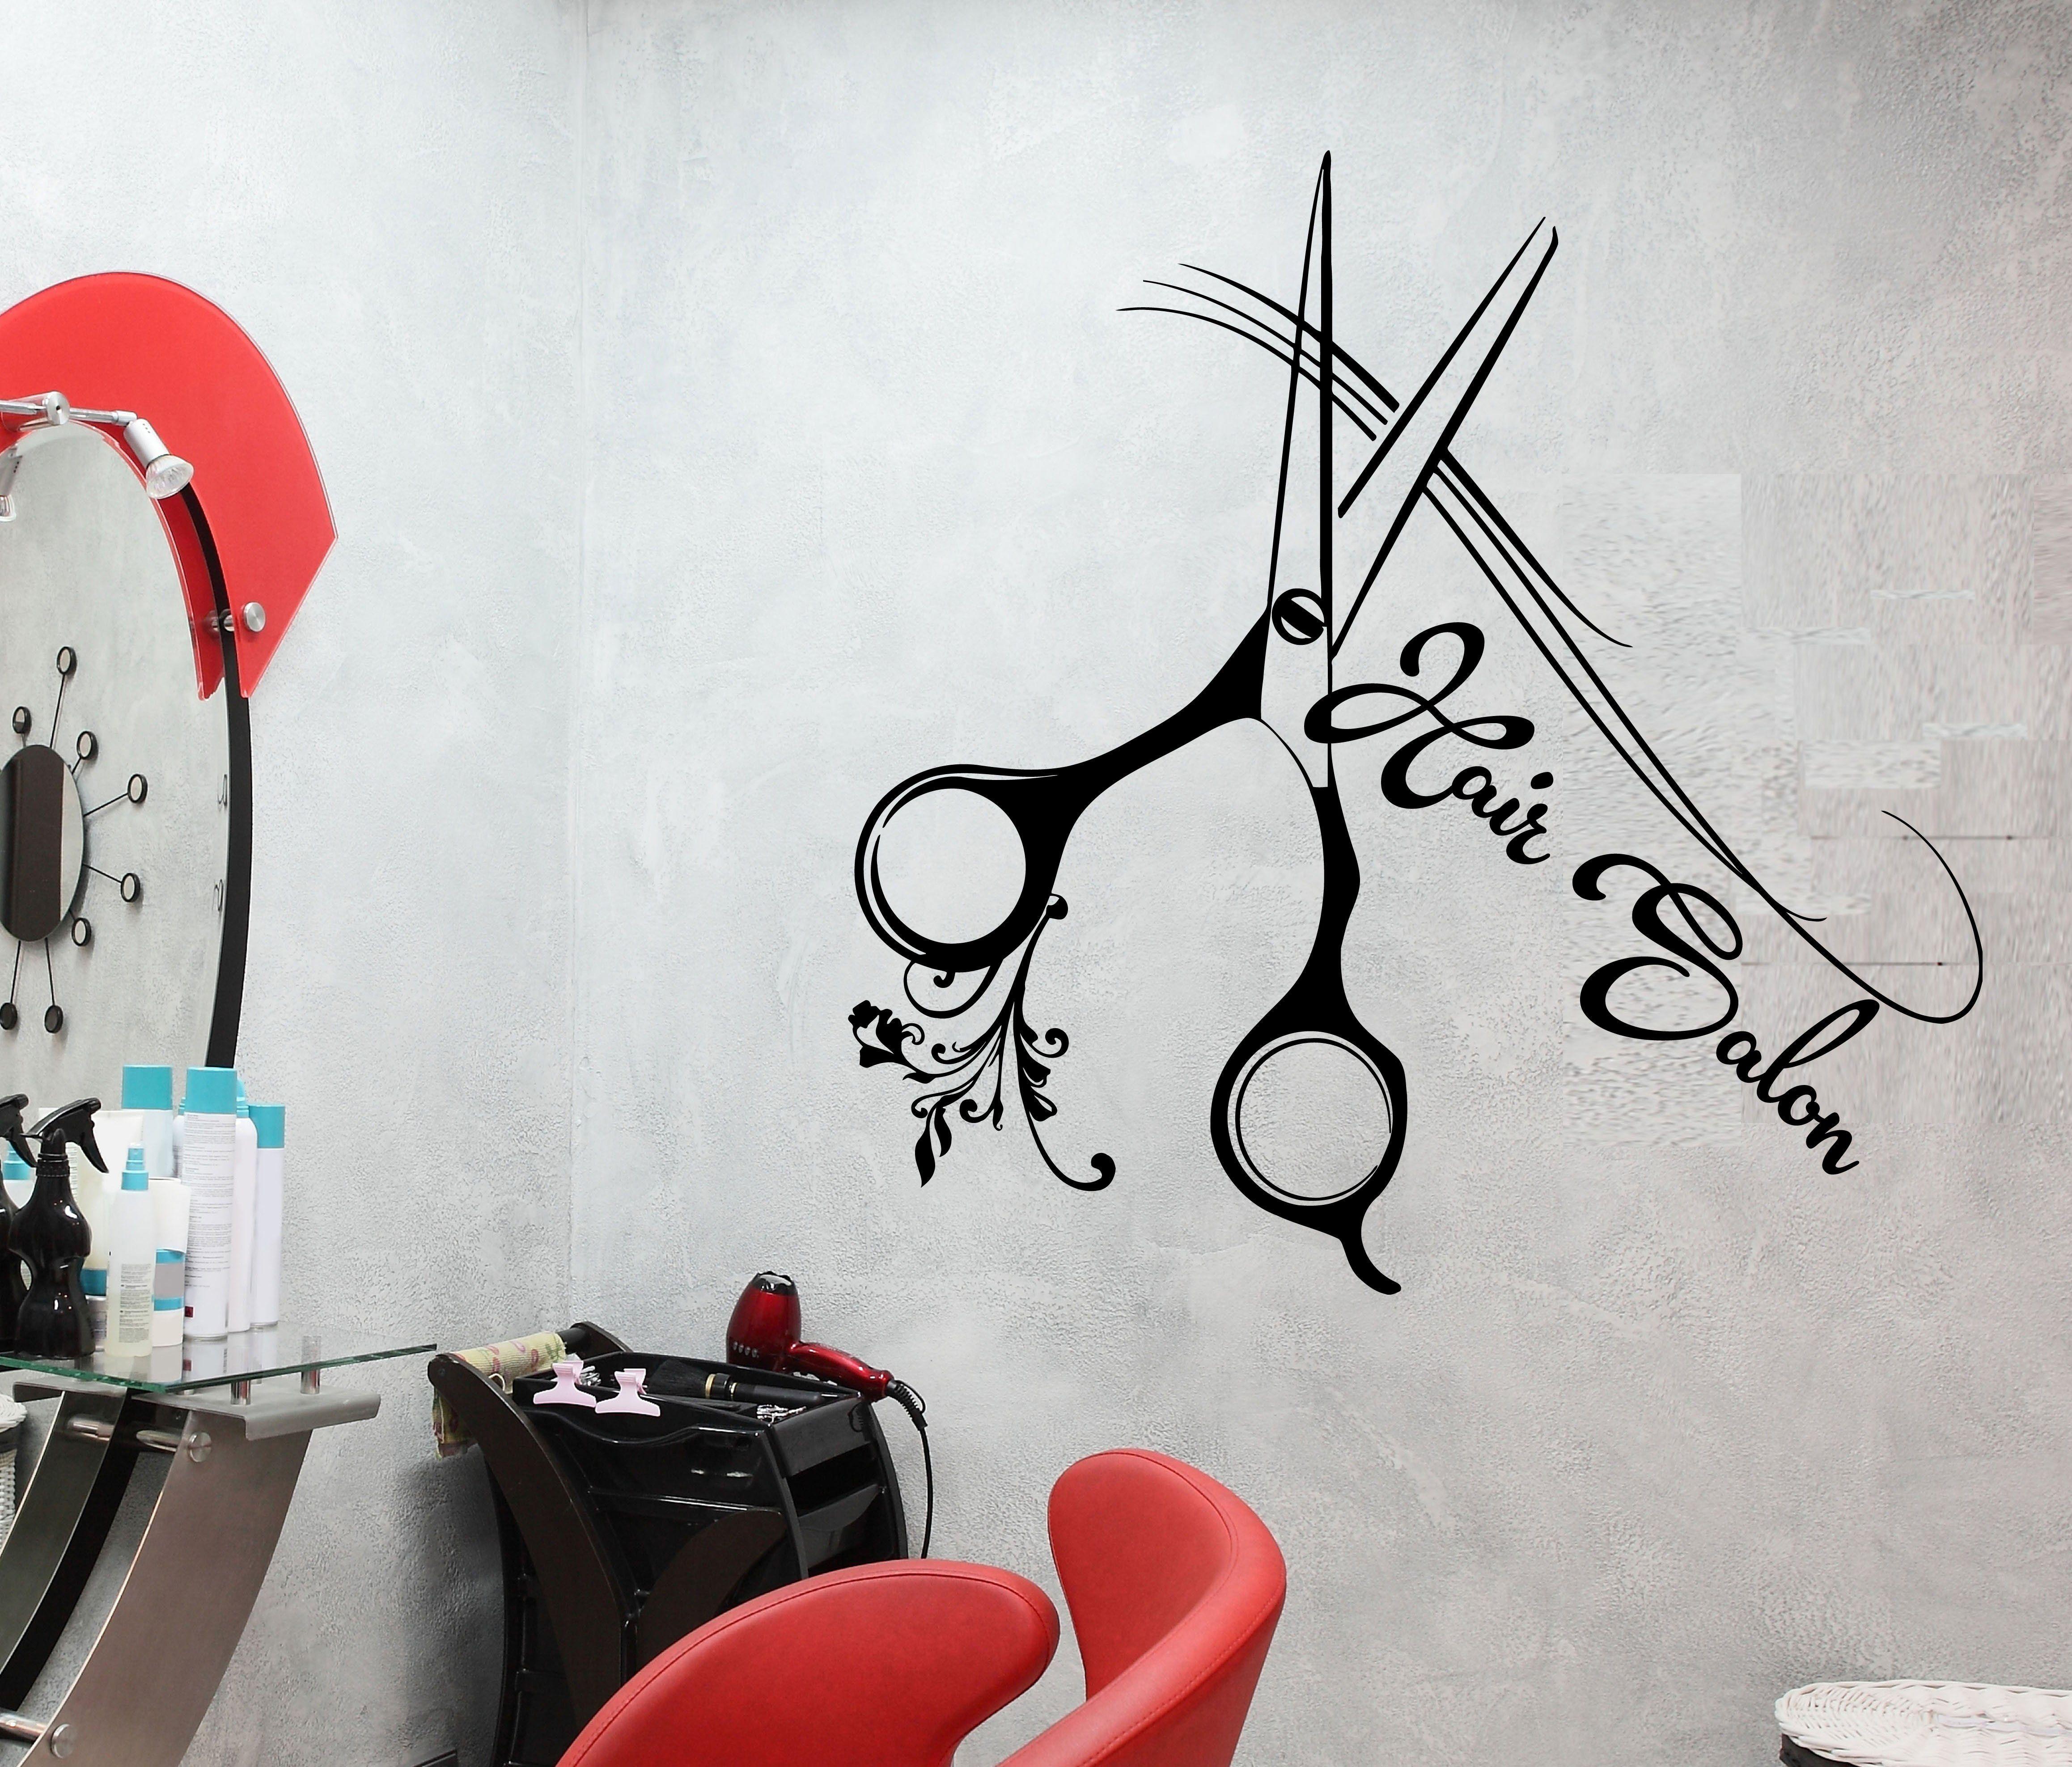 картинки с изображением парикмахерской у-образный